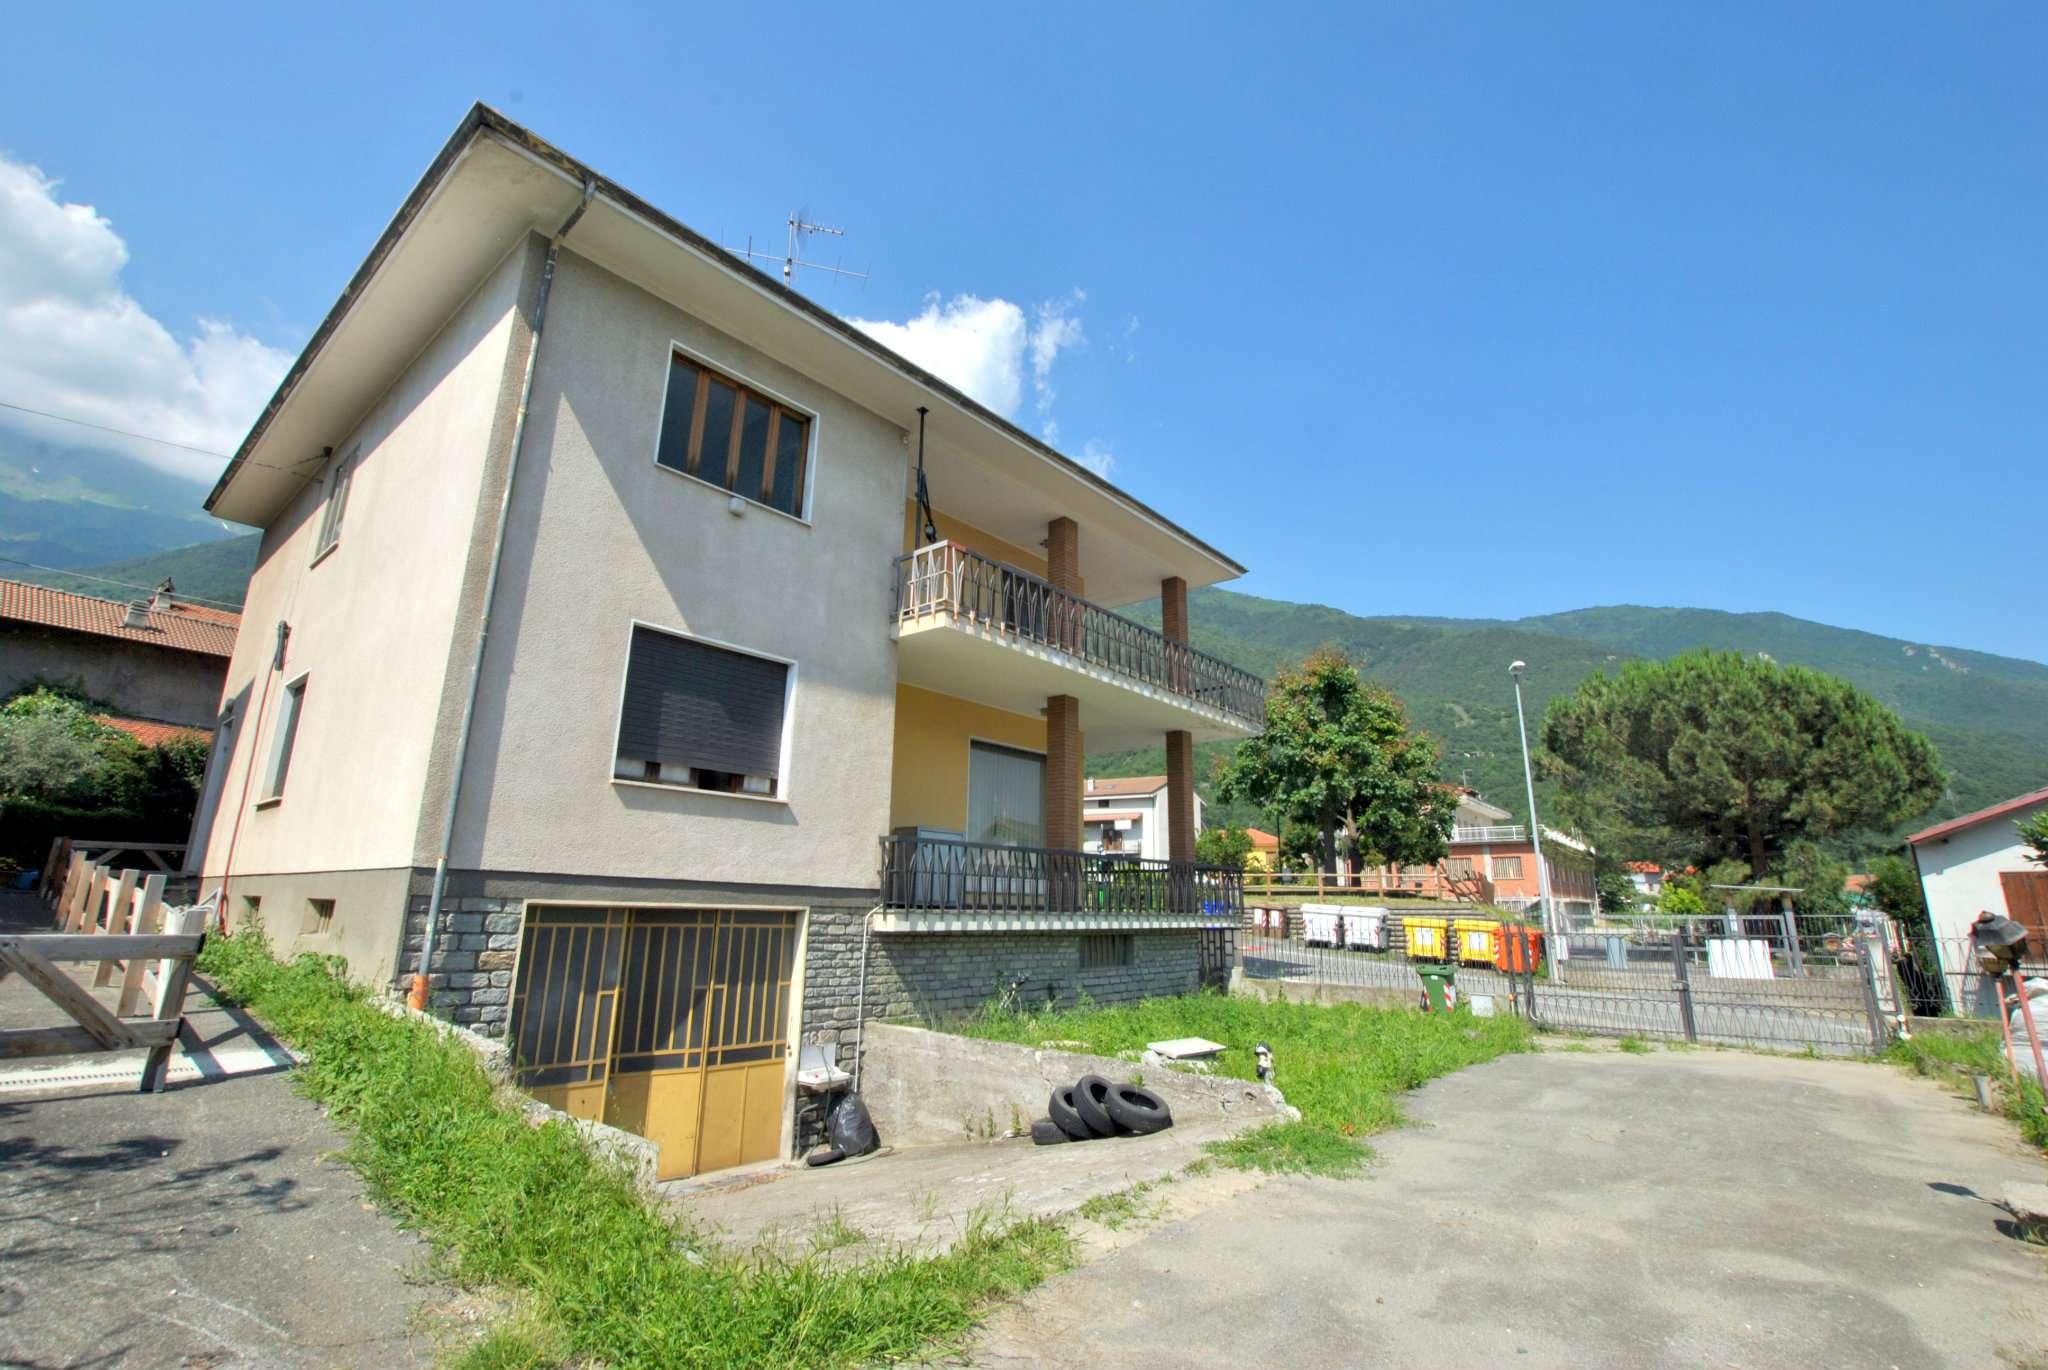 Appartamento in vendita a Bruzolo, 9999 locali, prezzo € 99.000 | CambioCasa.it